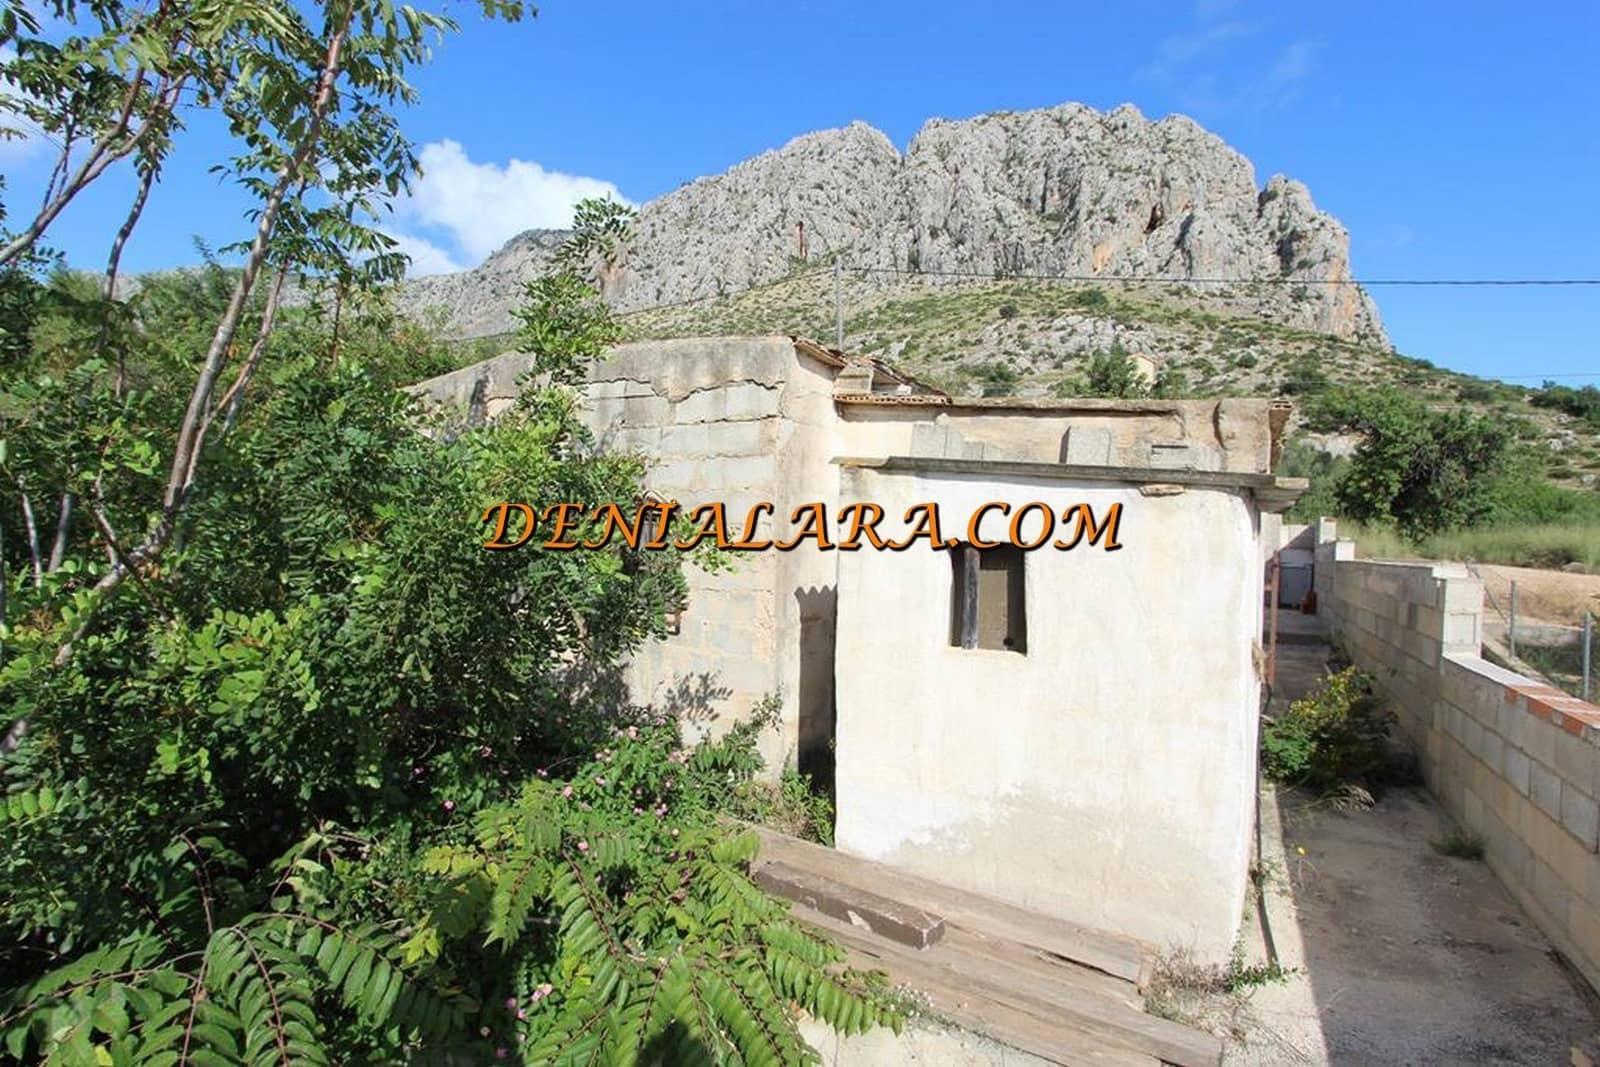 Finca/Casa Rural de 2 habitaciones en Ondara en venta - 62.000 € (Ref: 4970282)